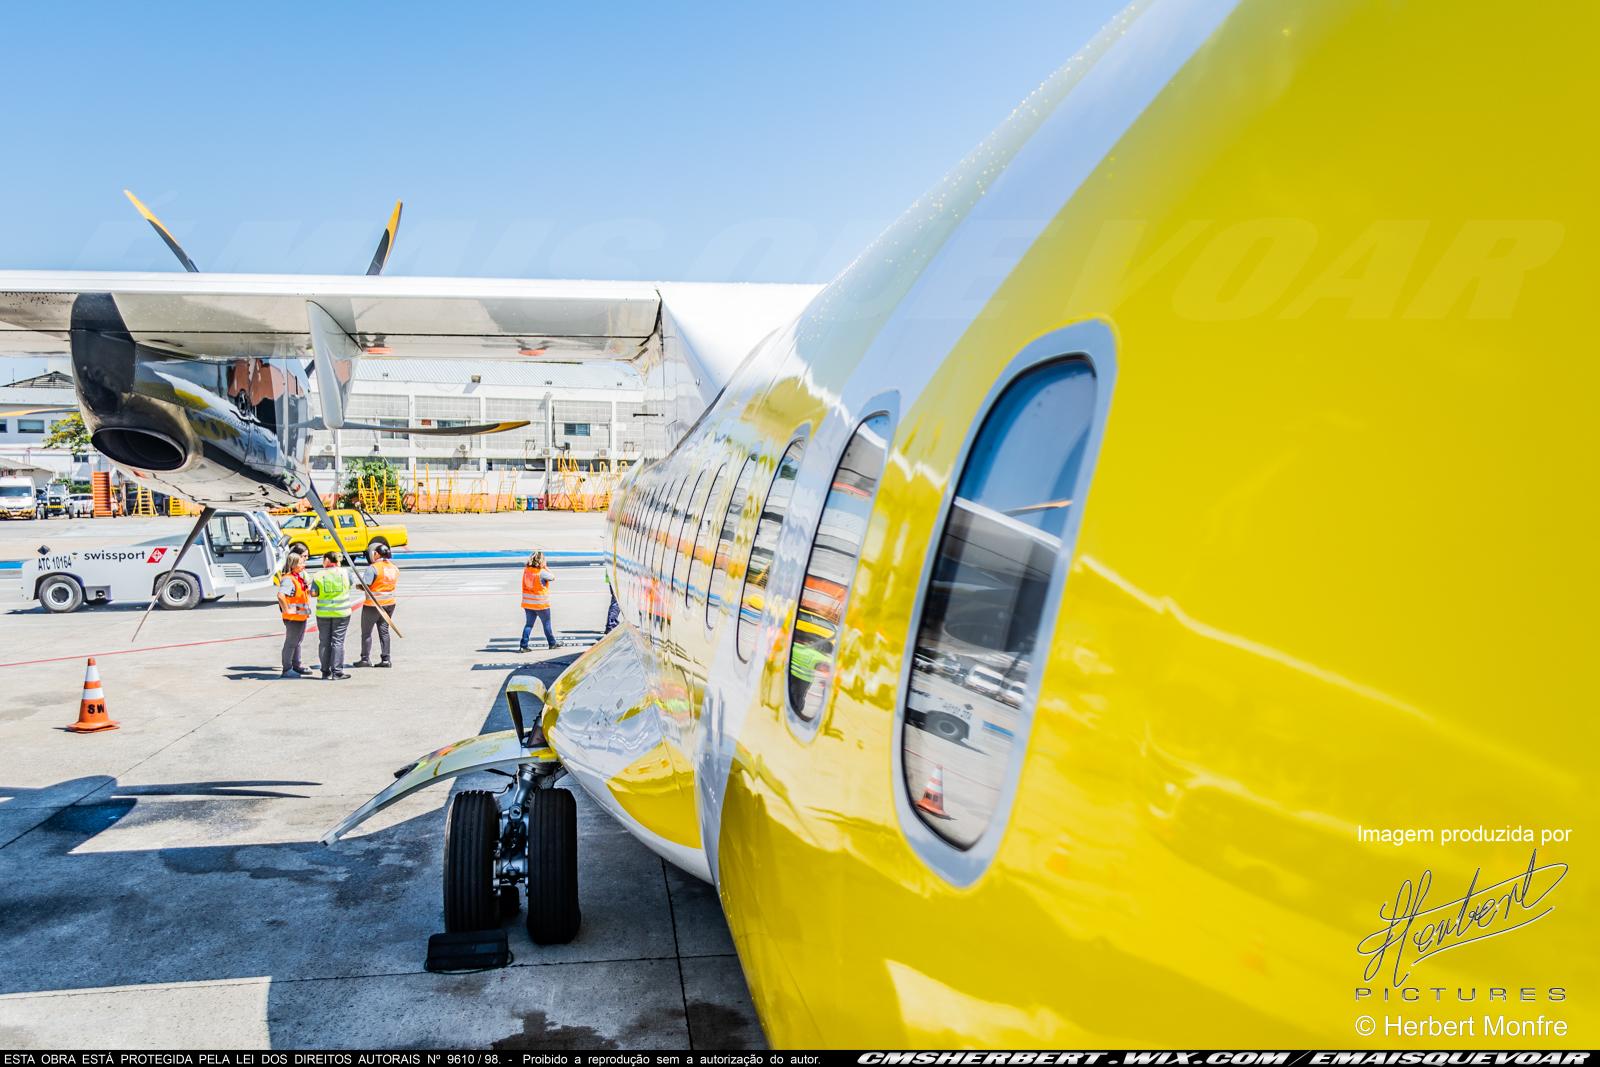 As cidades Campos dos Goytacazes e Teixeira de Freitas receberão voos comerciais | Foto © Herbert Monfre | Por É MAIS QUE VOAR